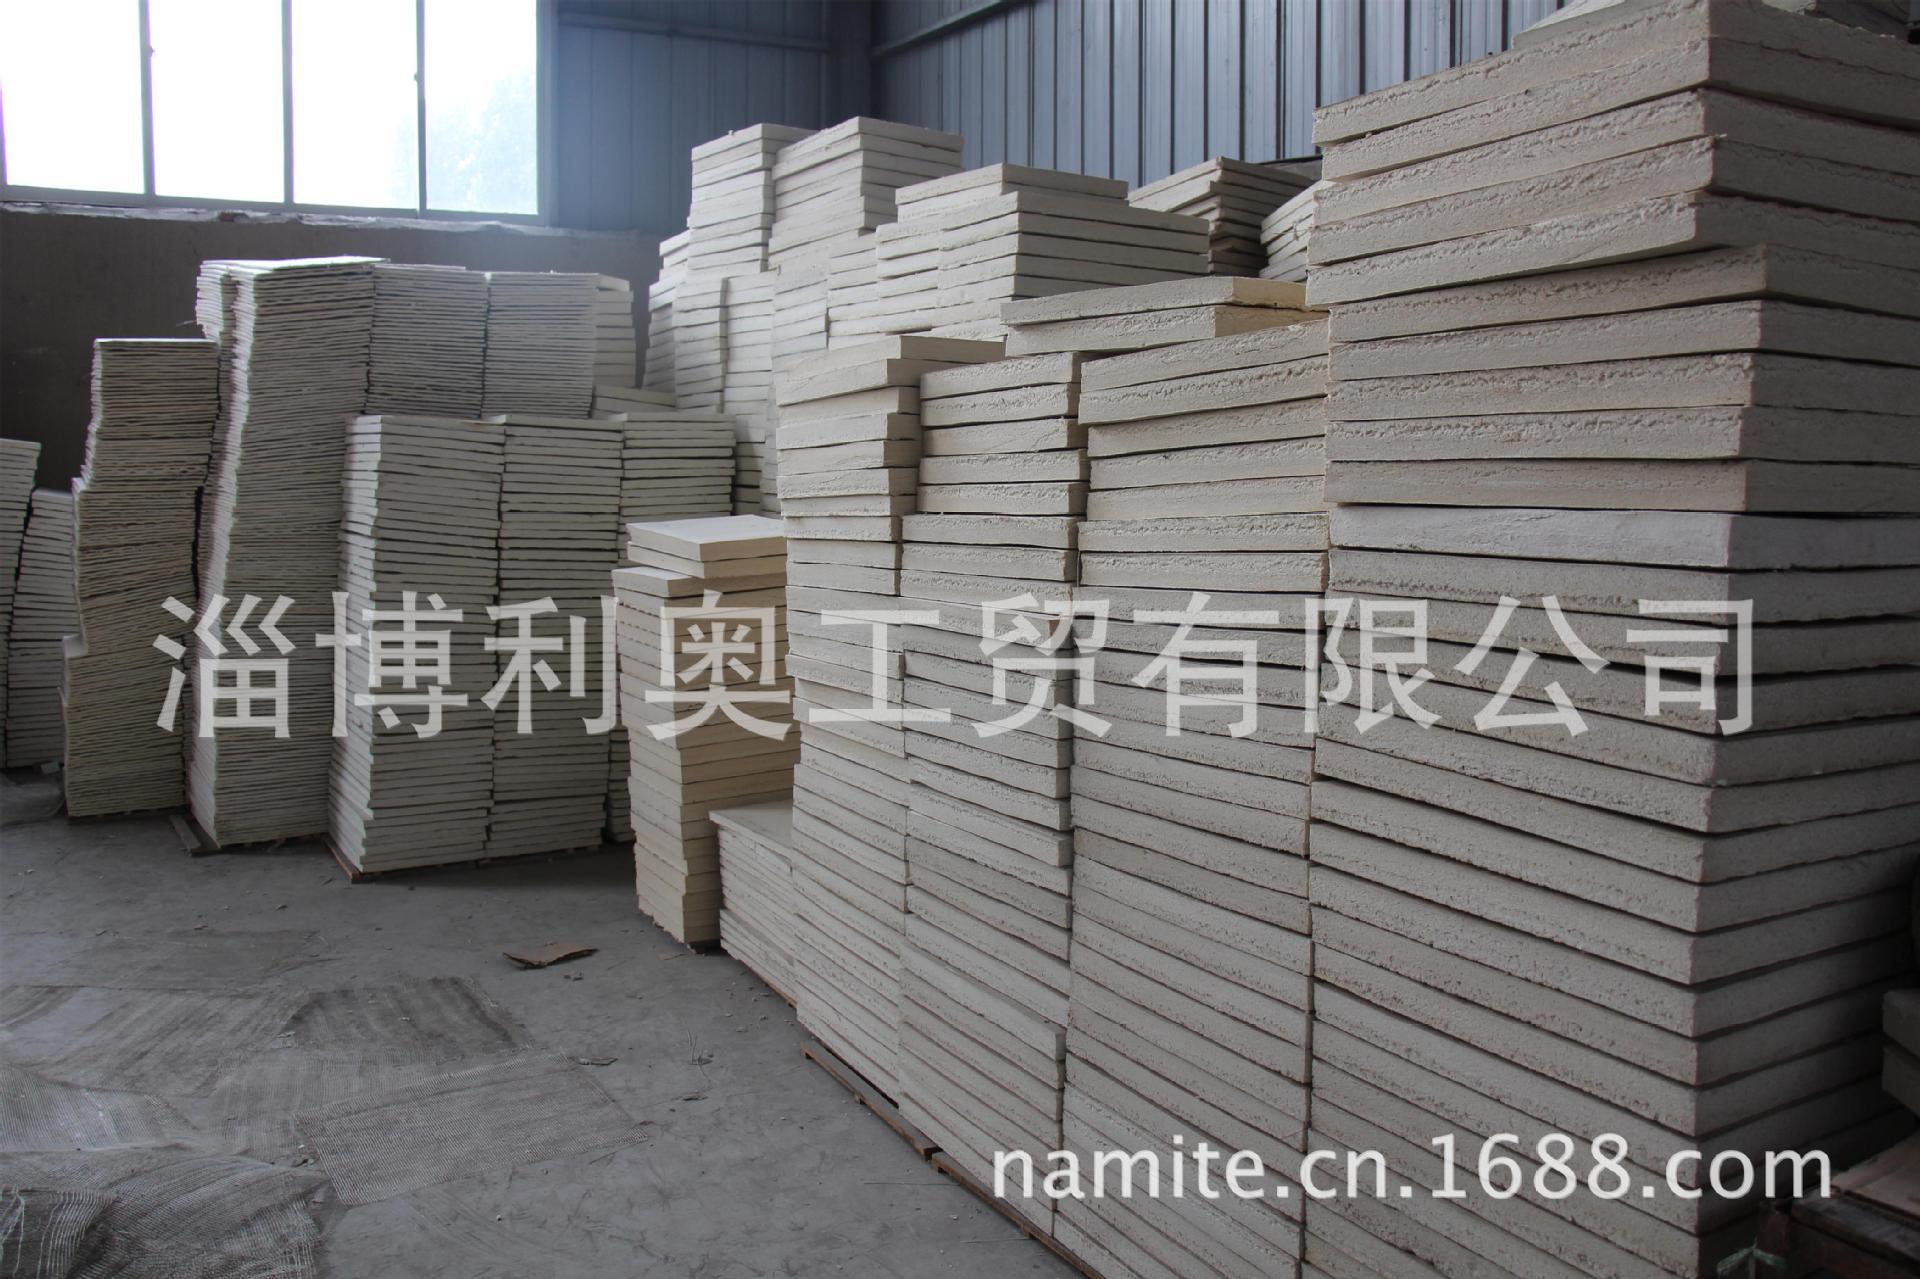 供应优质陶瓷纤维防水板 陶瓷纤维板 陶瓷纤维制品图片